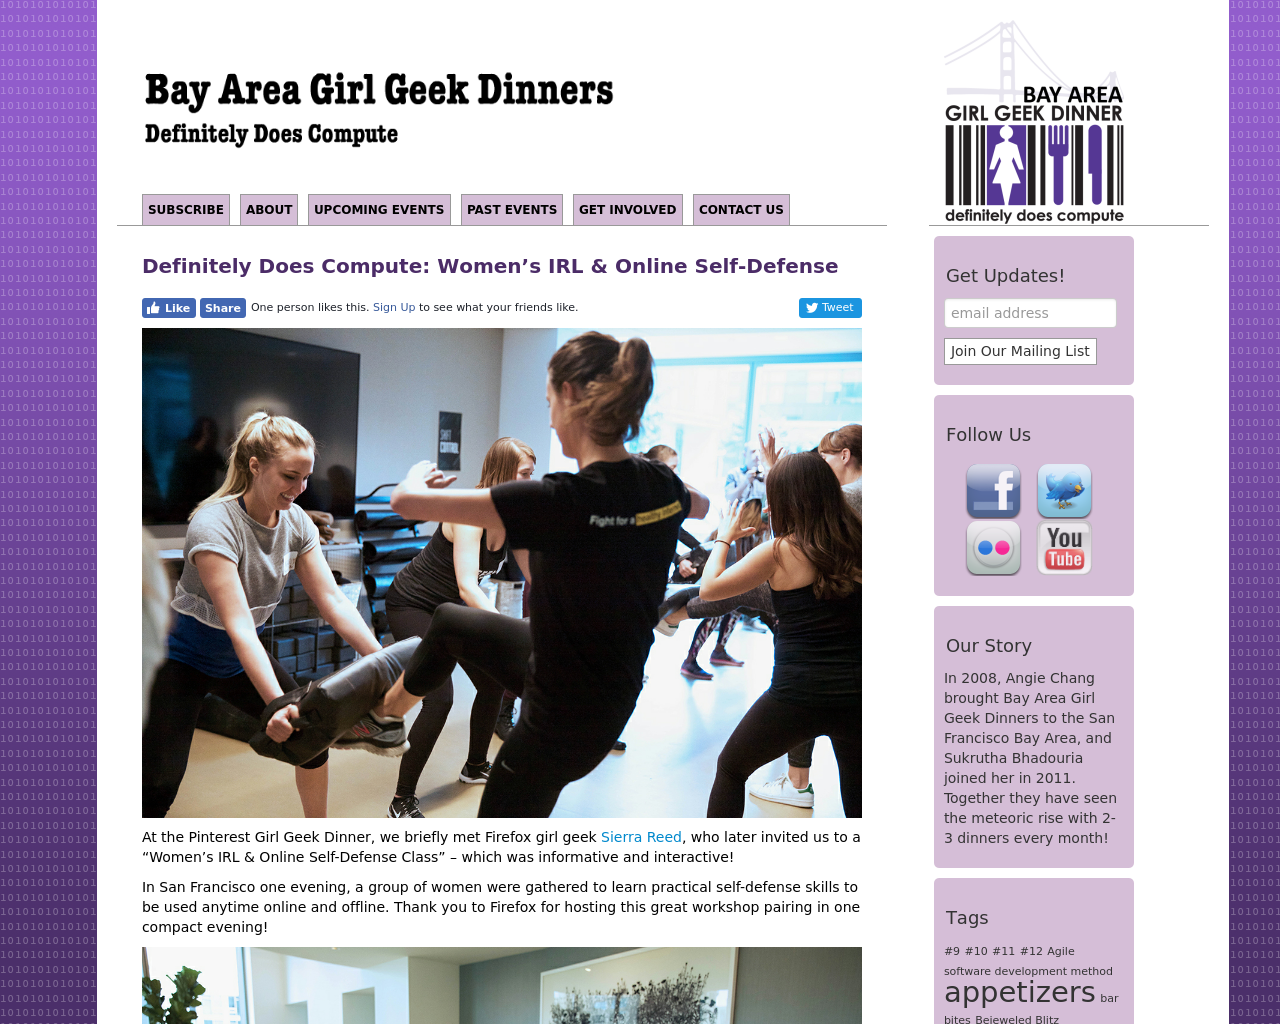 Bay-Area-Girl-Geek-Dinners-Advertising-Reviews-Pricing